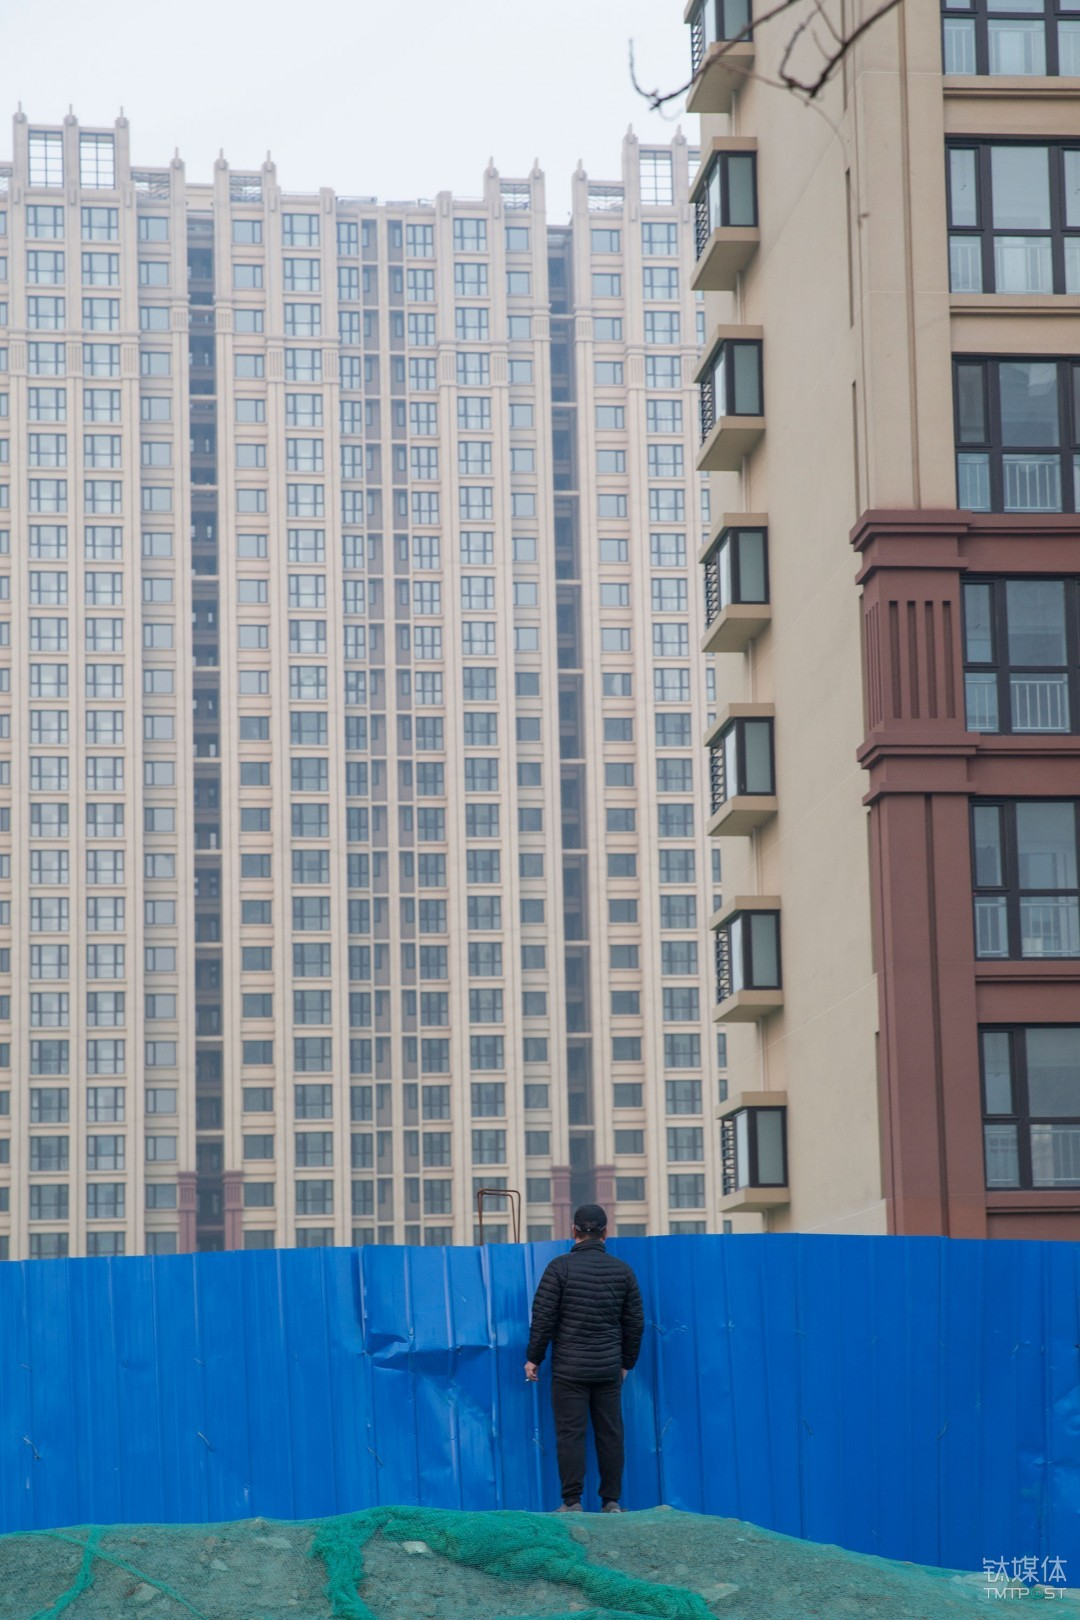 楼市观望者。北京通州,一名路人越过工地挡板望向一处住宅工地。